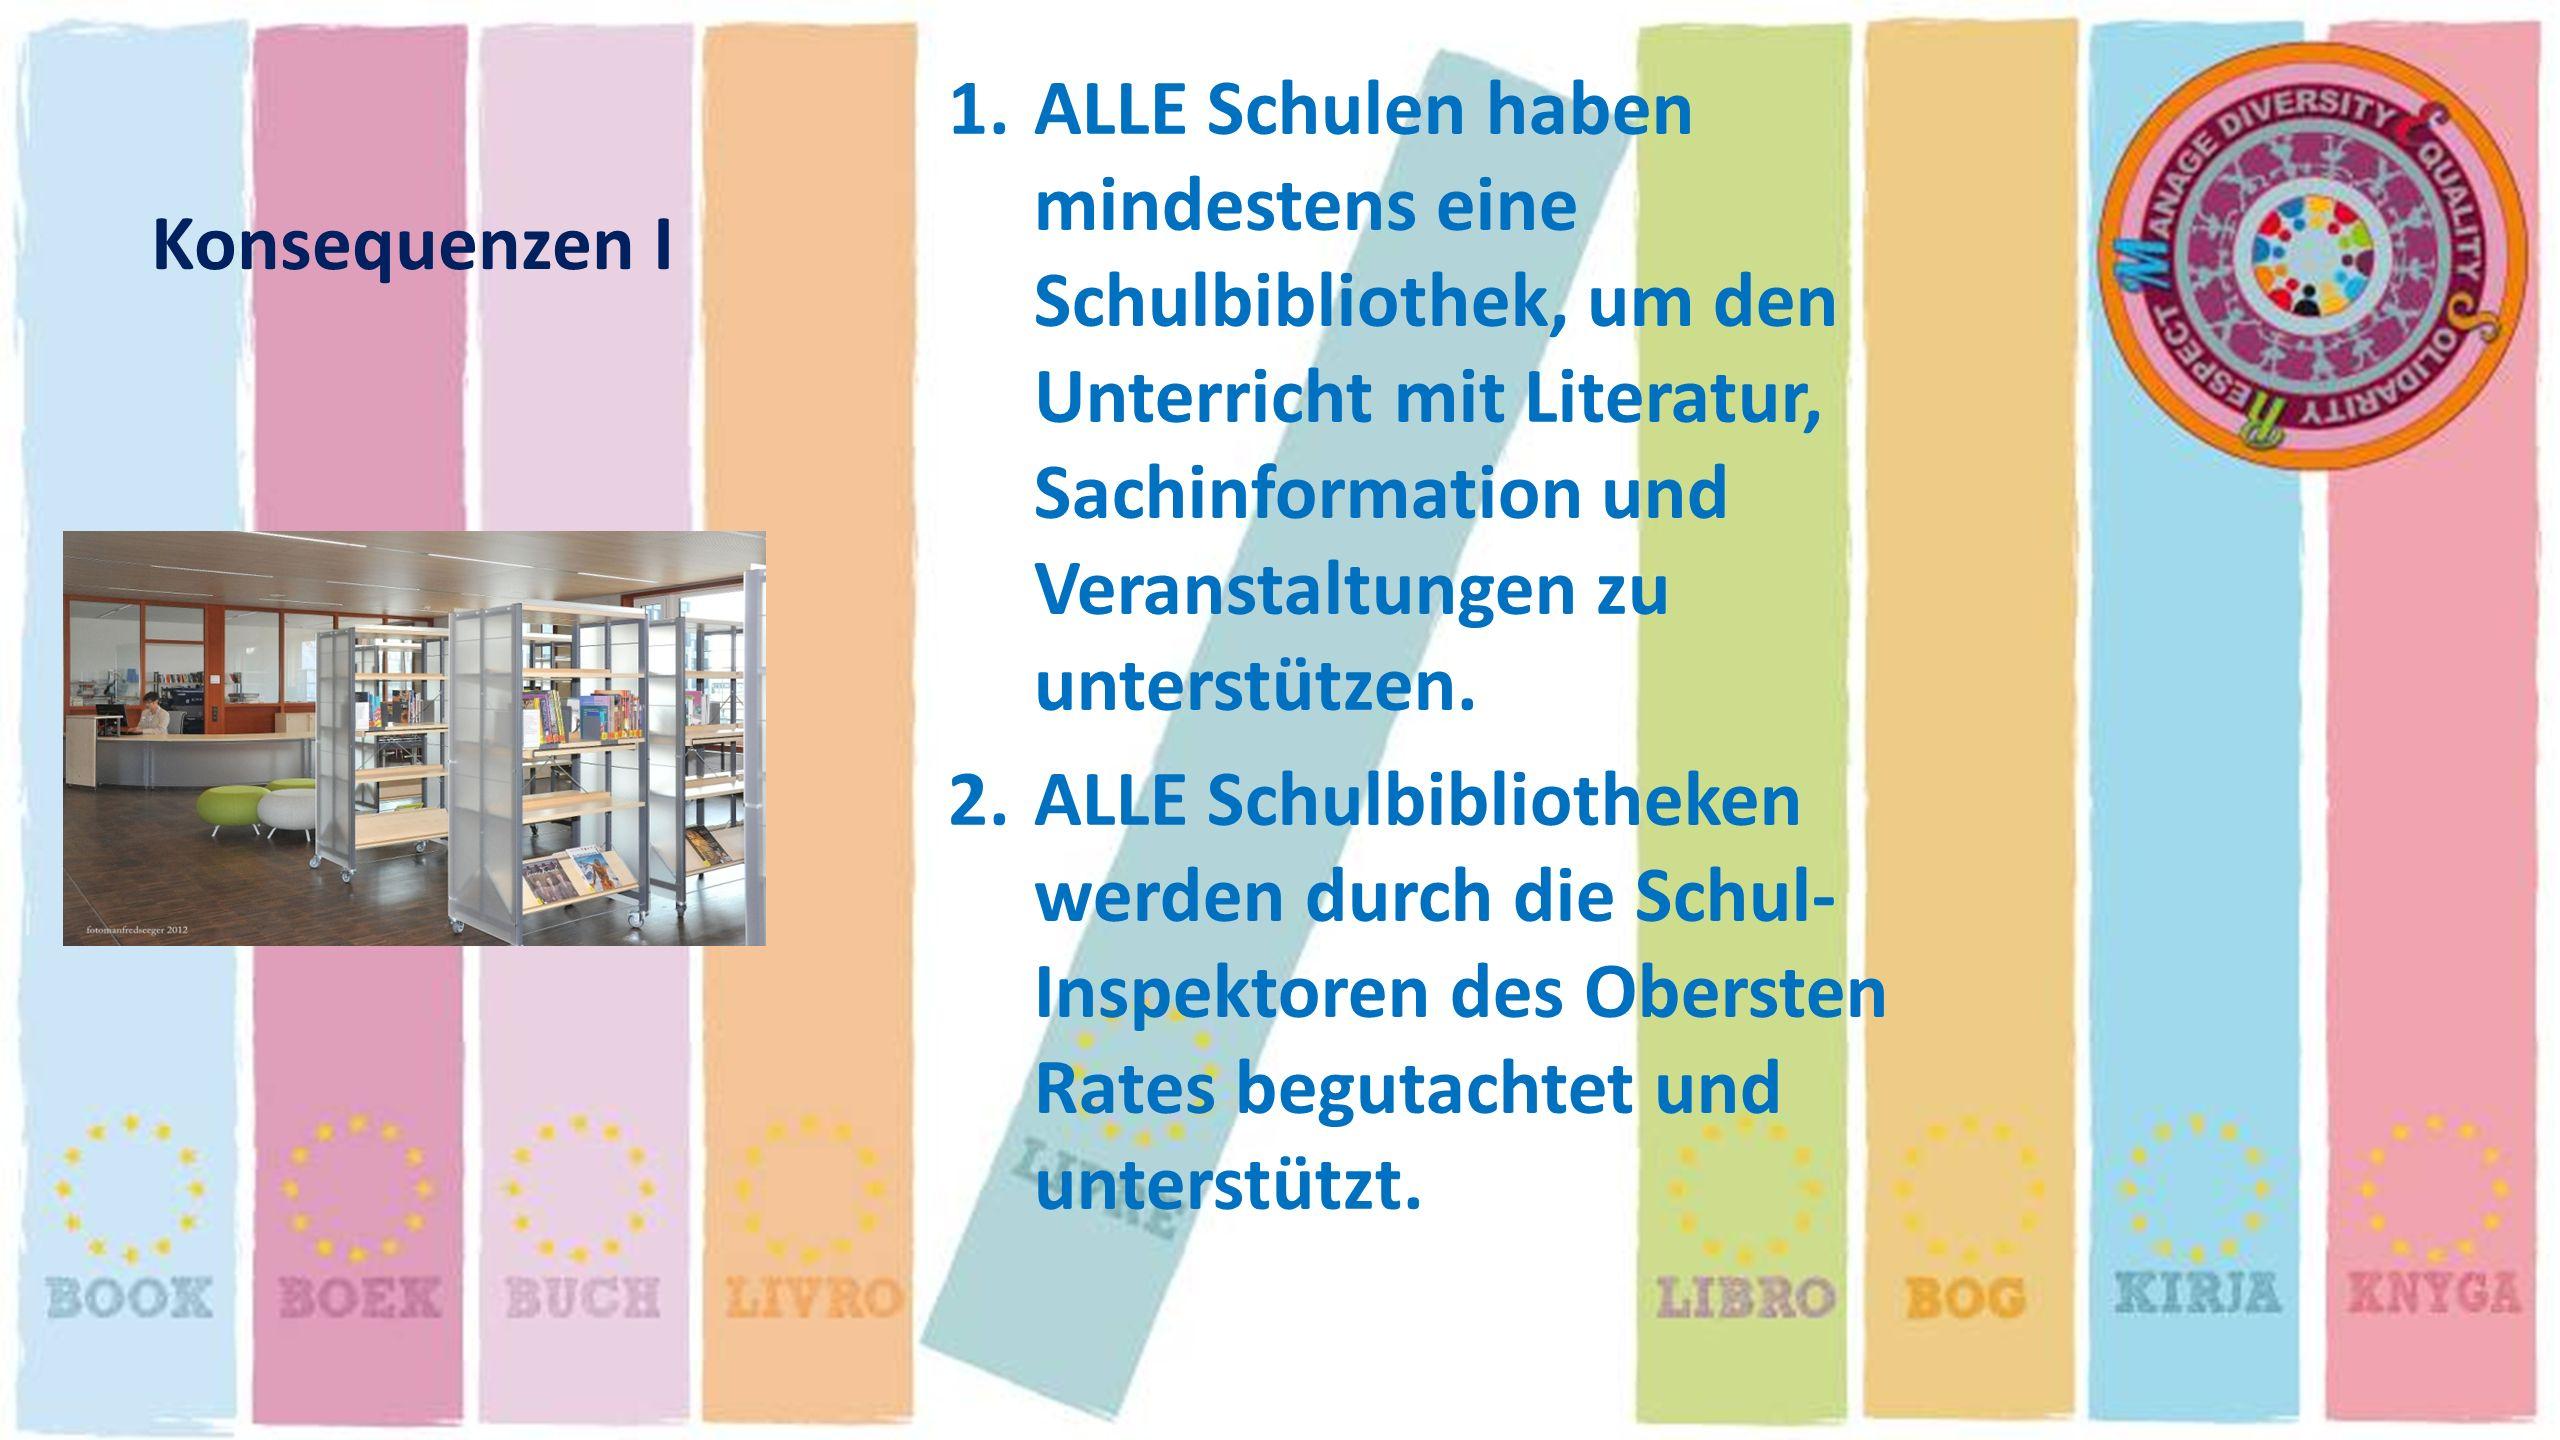 Konsequenzen I 1.ALLE Schulen haben mindestens eine Schulbibliothek, um den Unterricht mit Literatur, Sachinformation und Veranstaltungen zu unterstüt